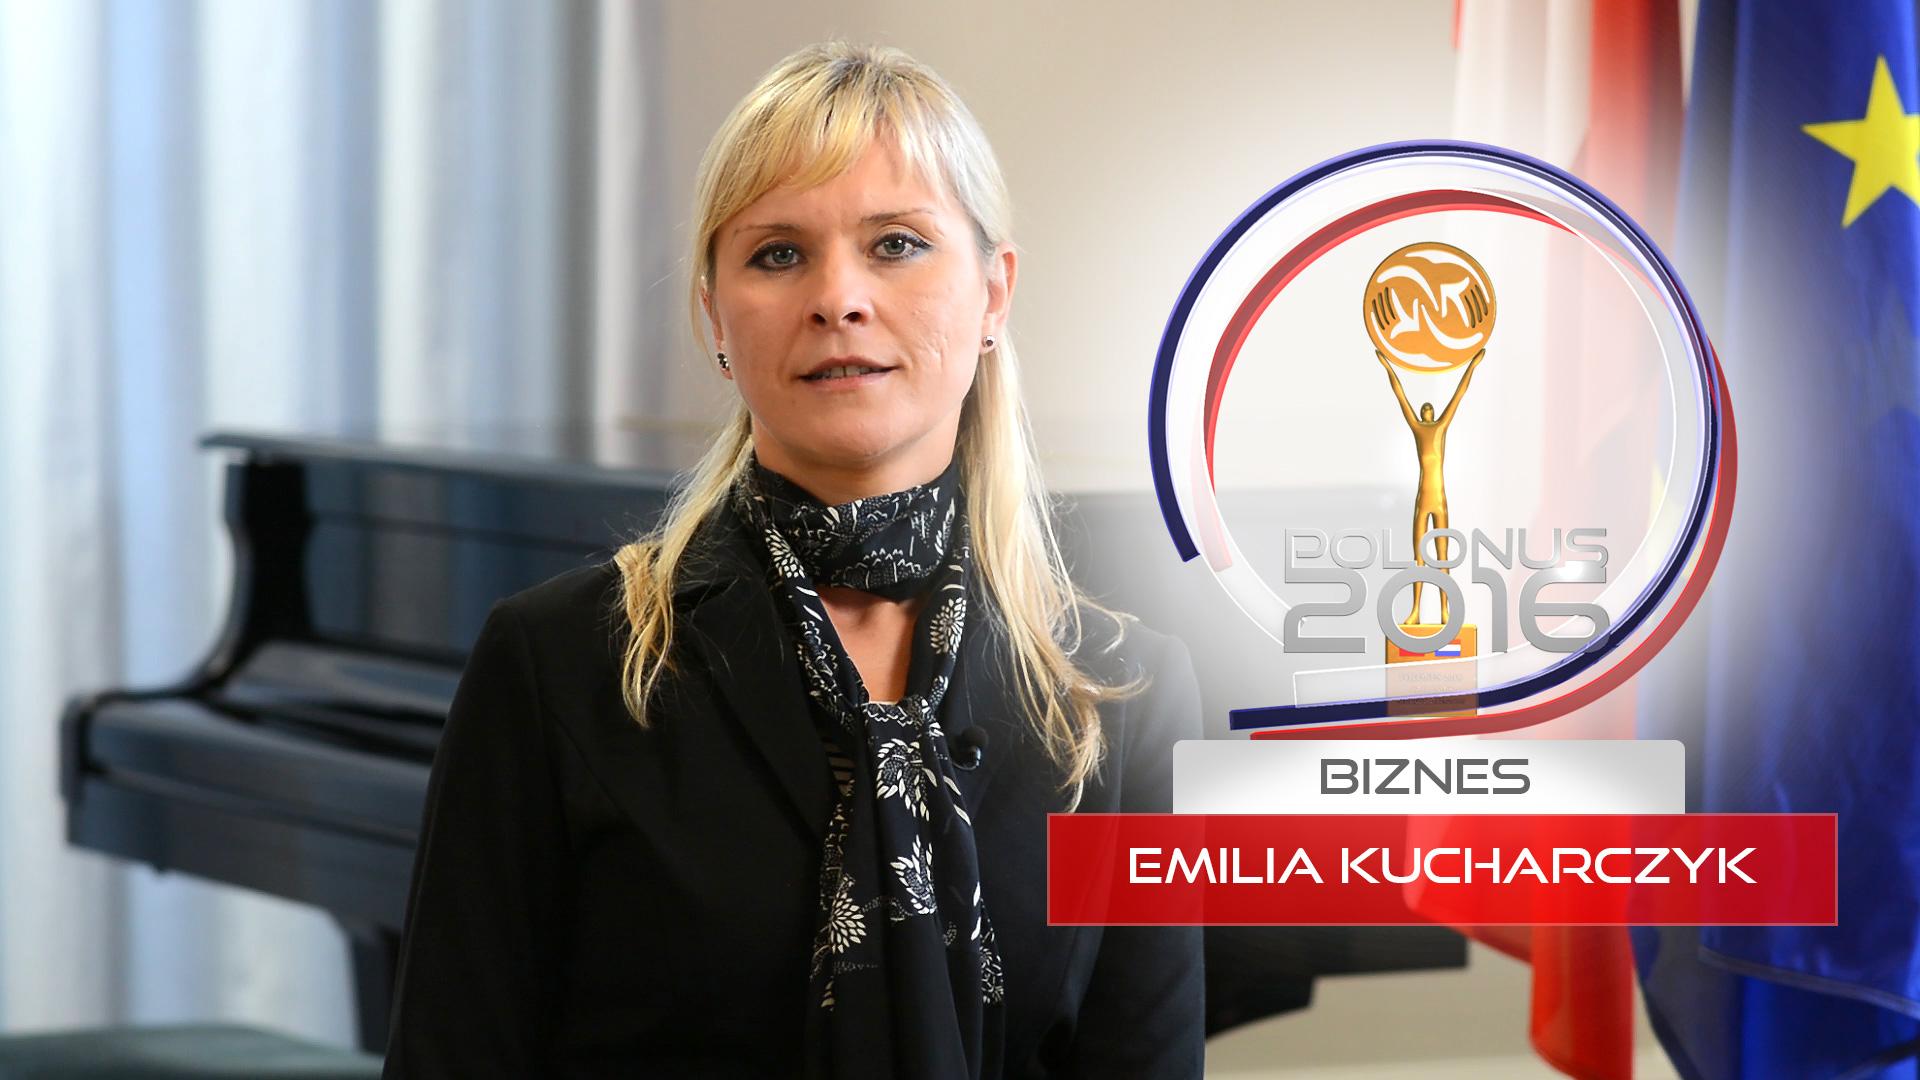 Emilia Kucharczyk